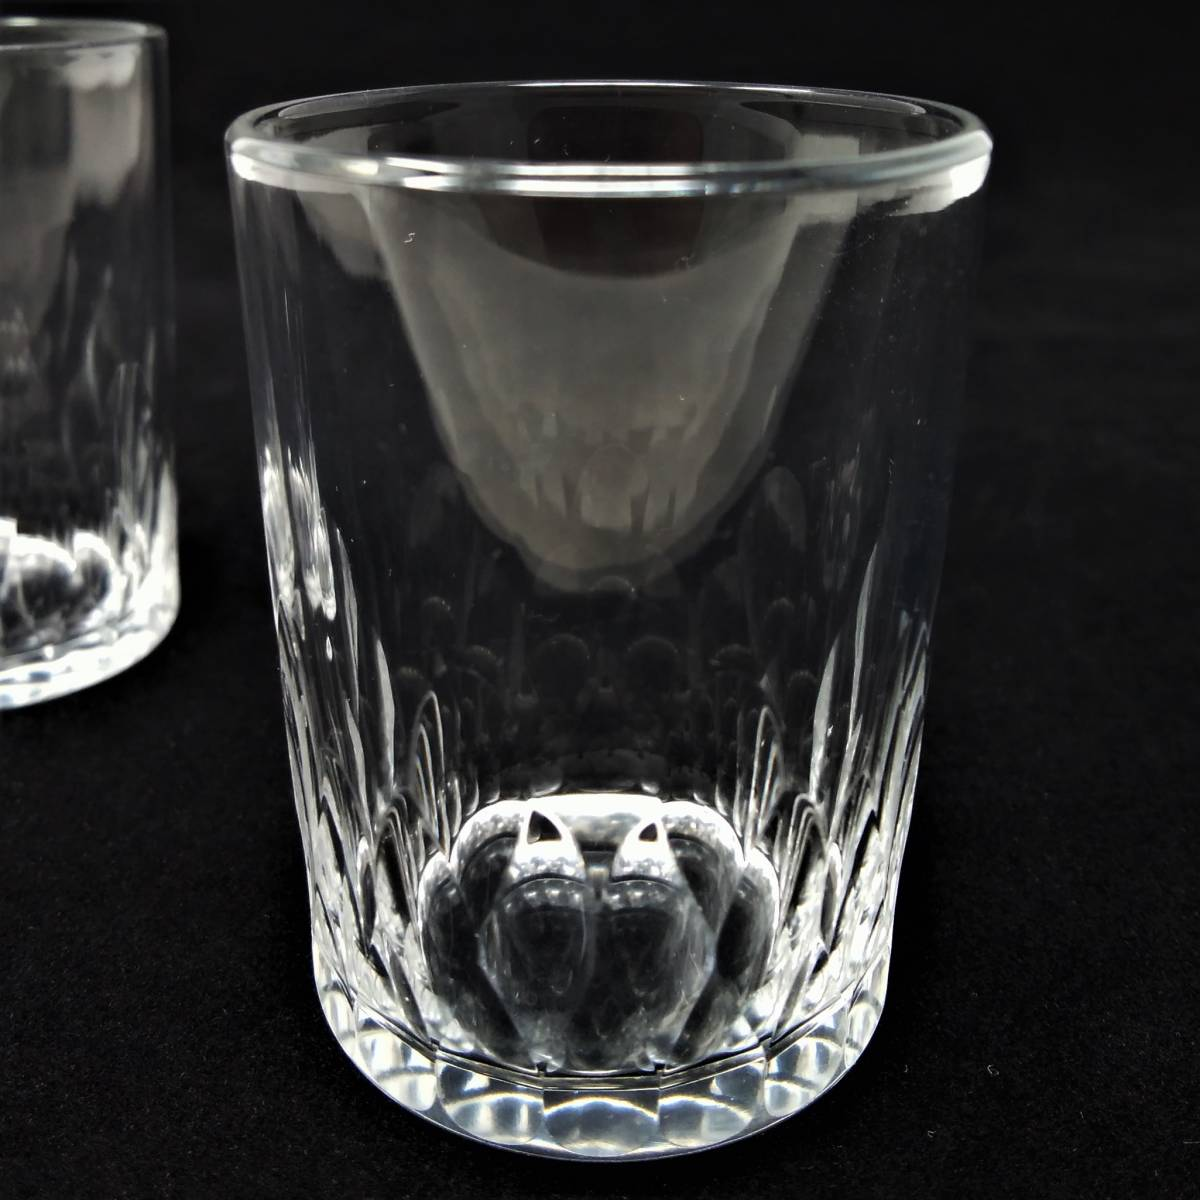 バカラ BACCARAT リシュリュー Richelieu ショットグラス リキュールグラス 2客セット H4.7cm 087◆冷酒 クリスタル タンブラー ゴブレット_画像10